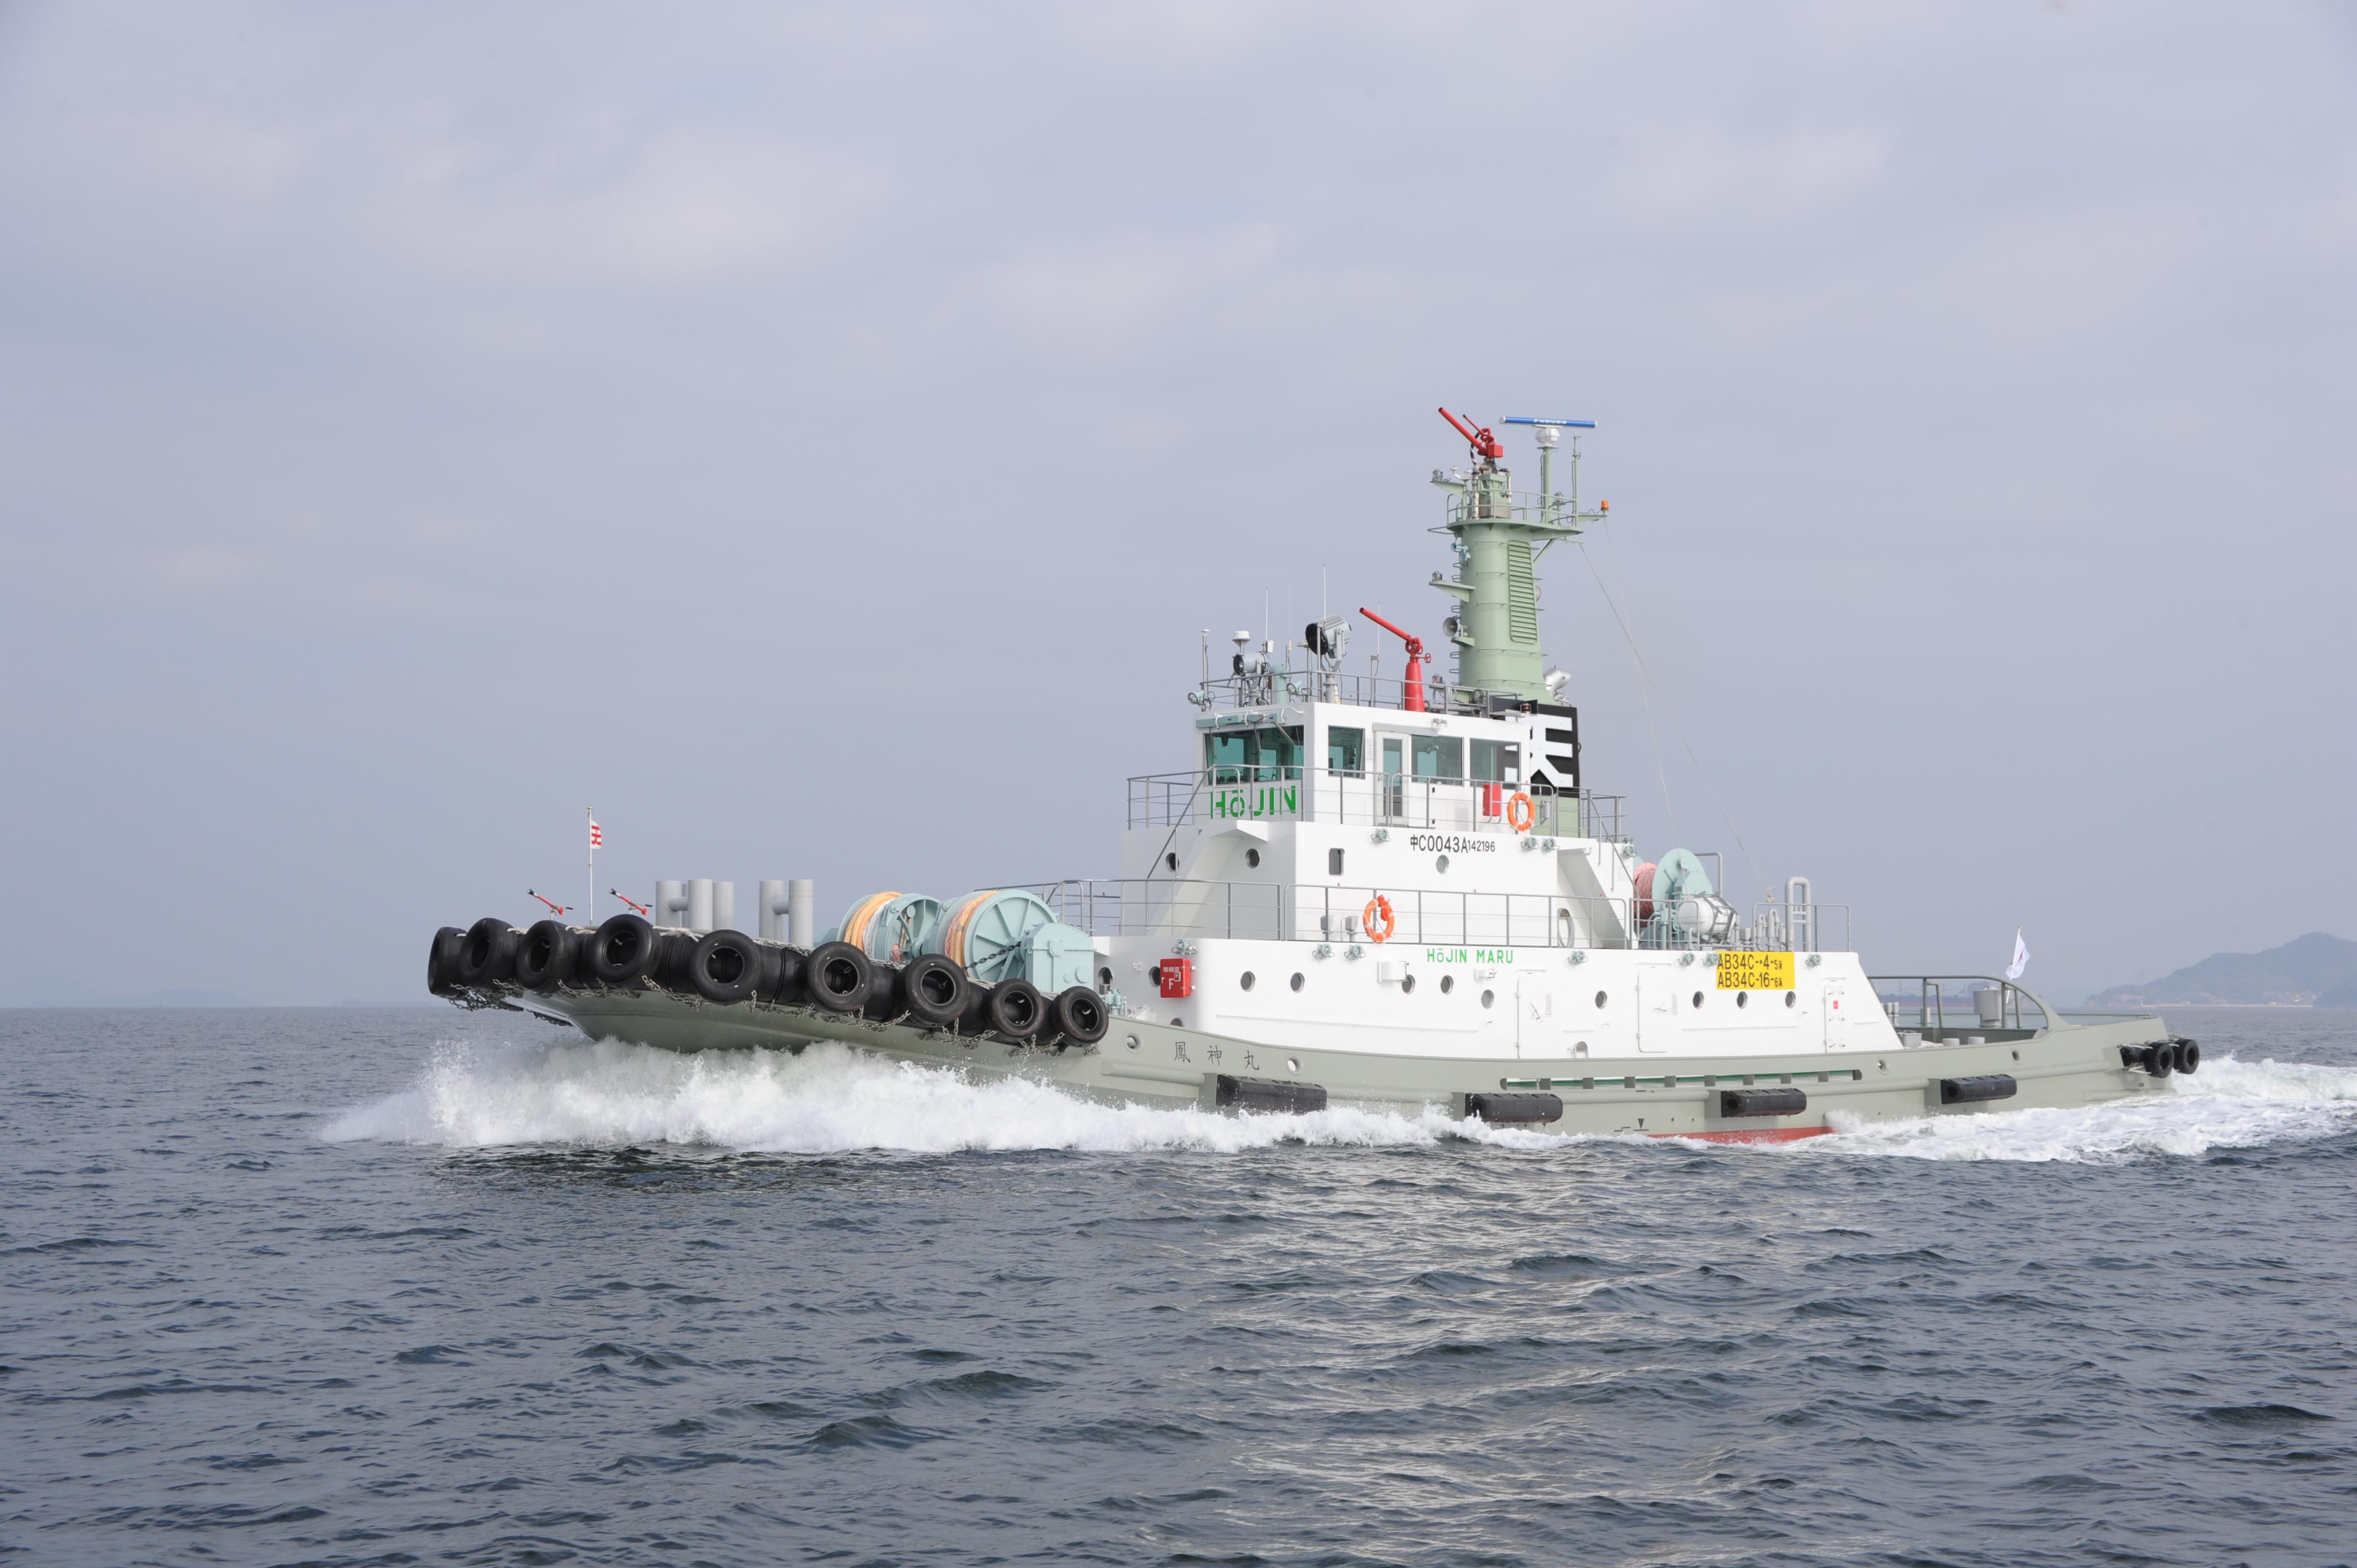 新造船タグボート「鳳神丸」を導入 曳航力と速力を高めた新船型